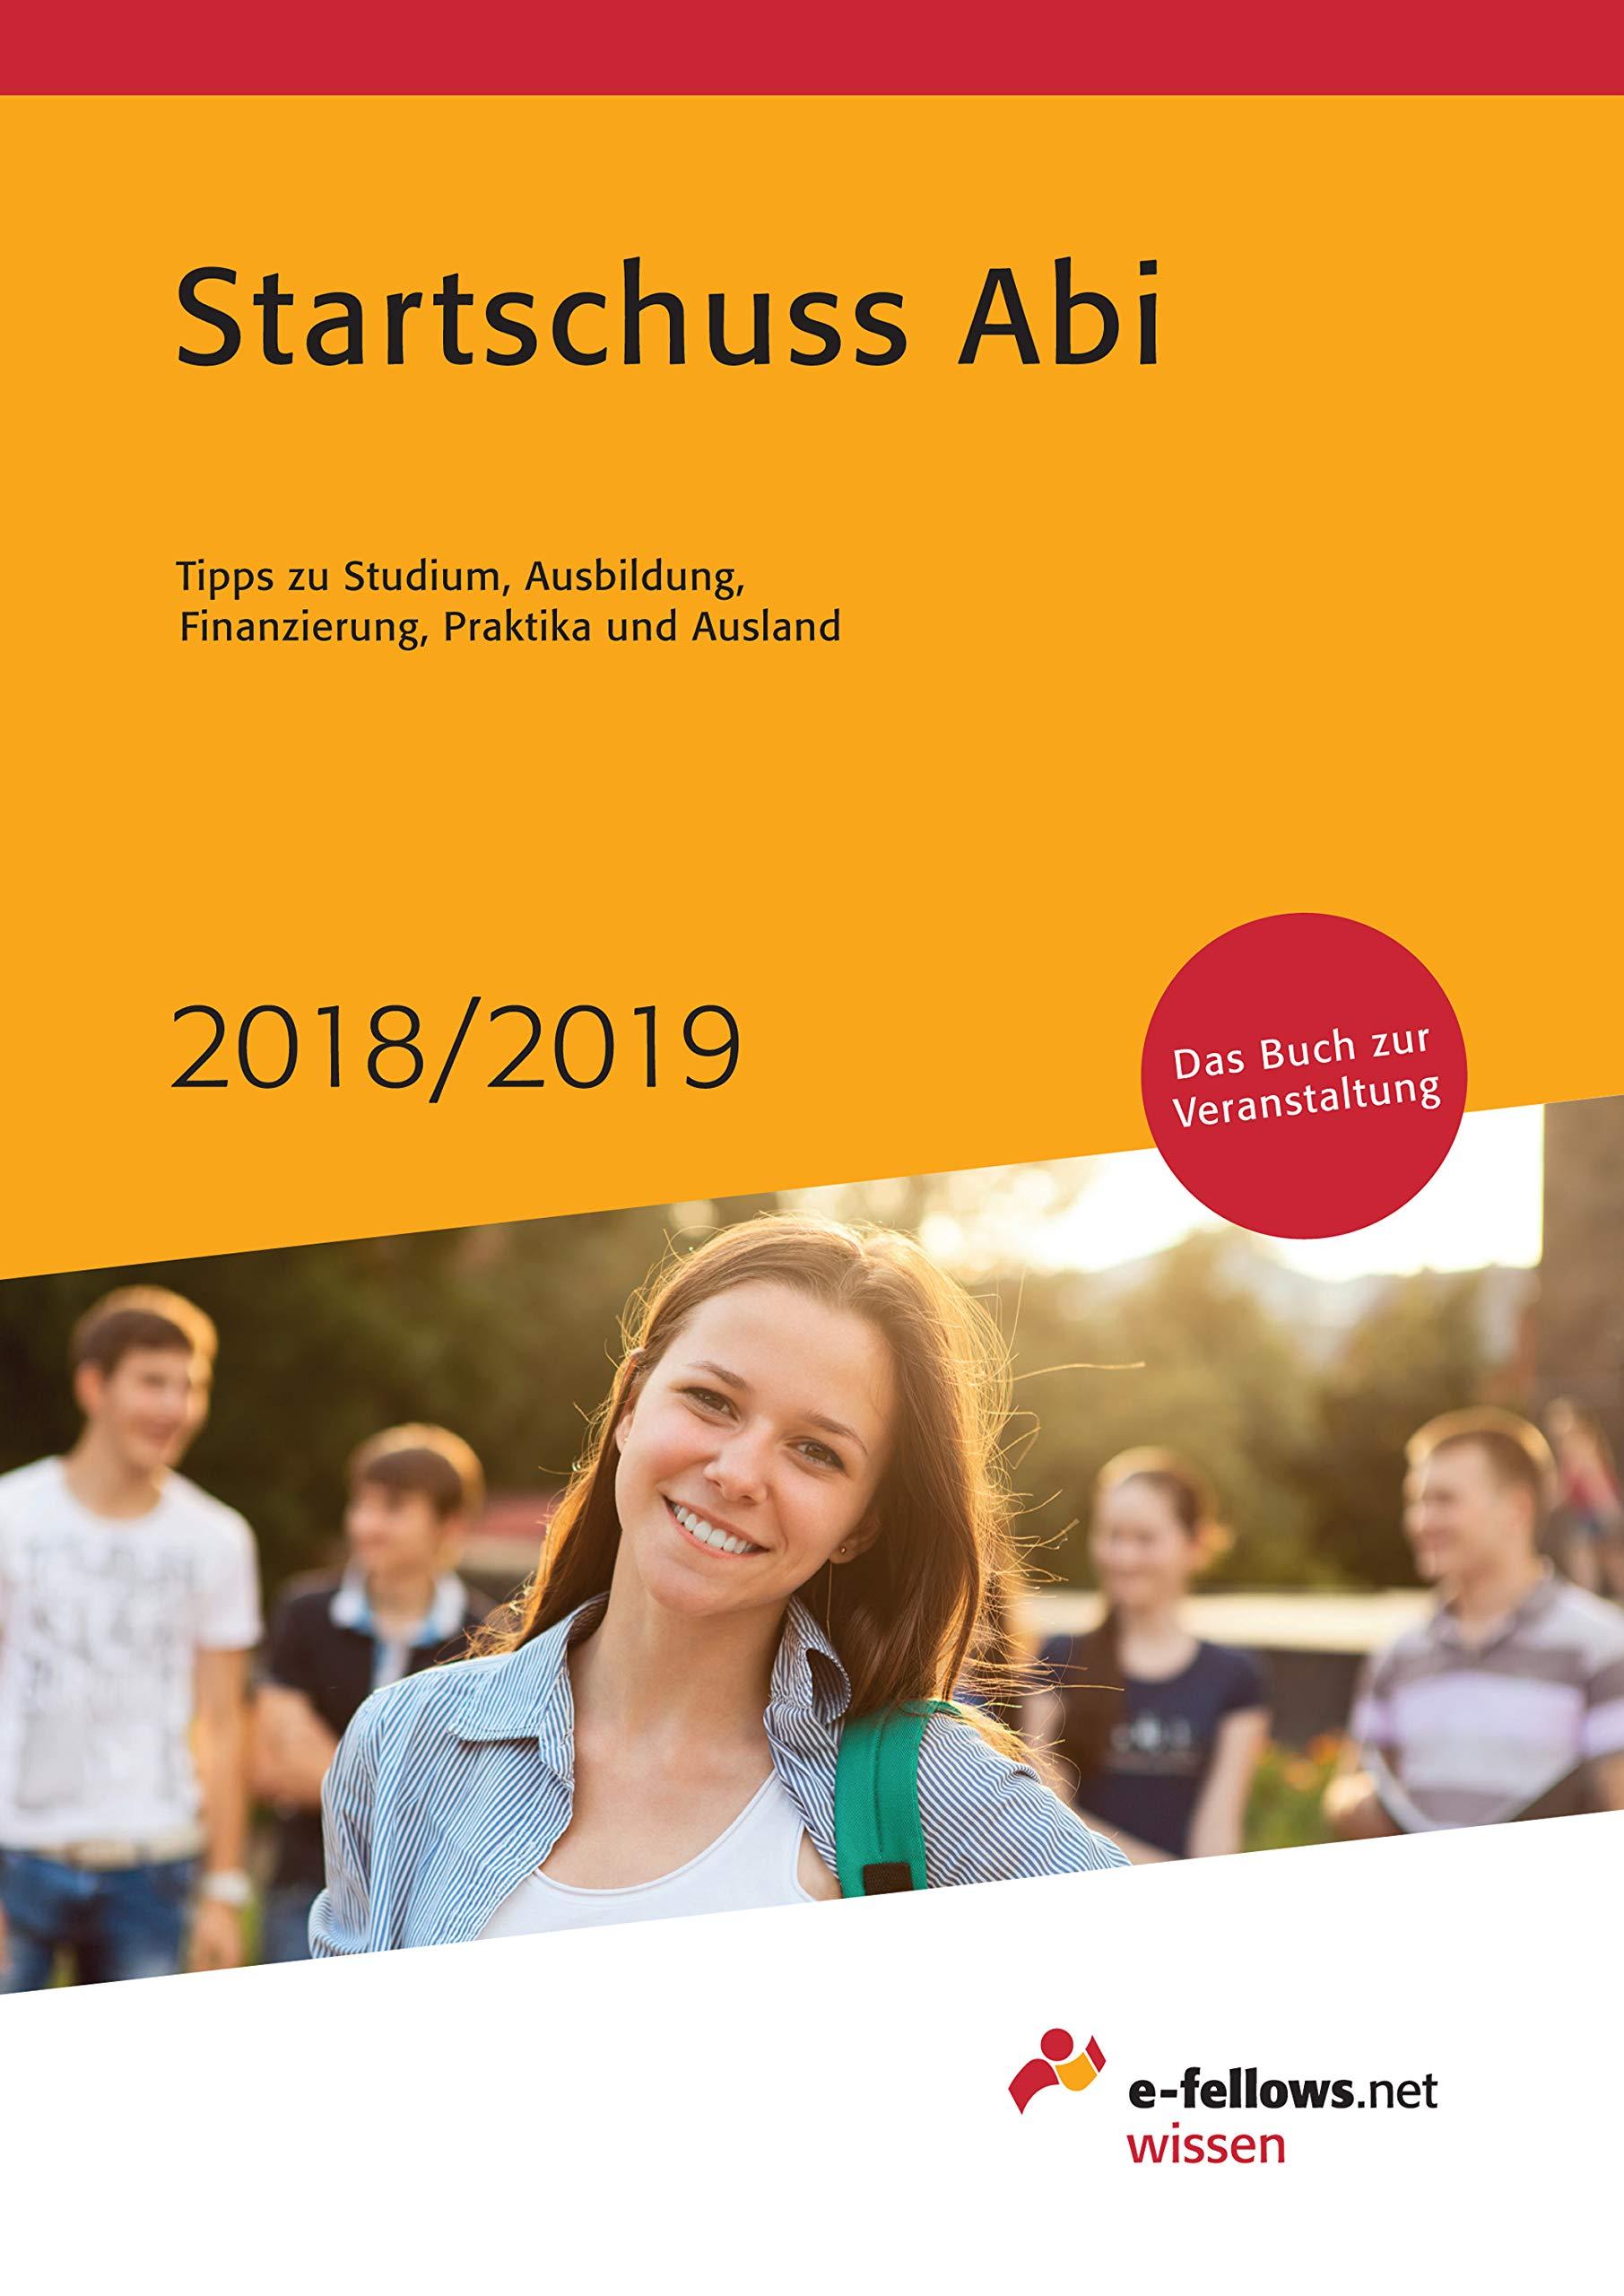 Startschuss Abi 2018 2019  Tipps Zu Studium Ausbildung Finanzierung Praktika Und Ausland  E Fellows.net Wissen